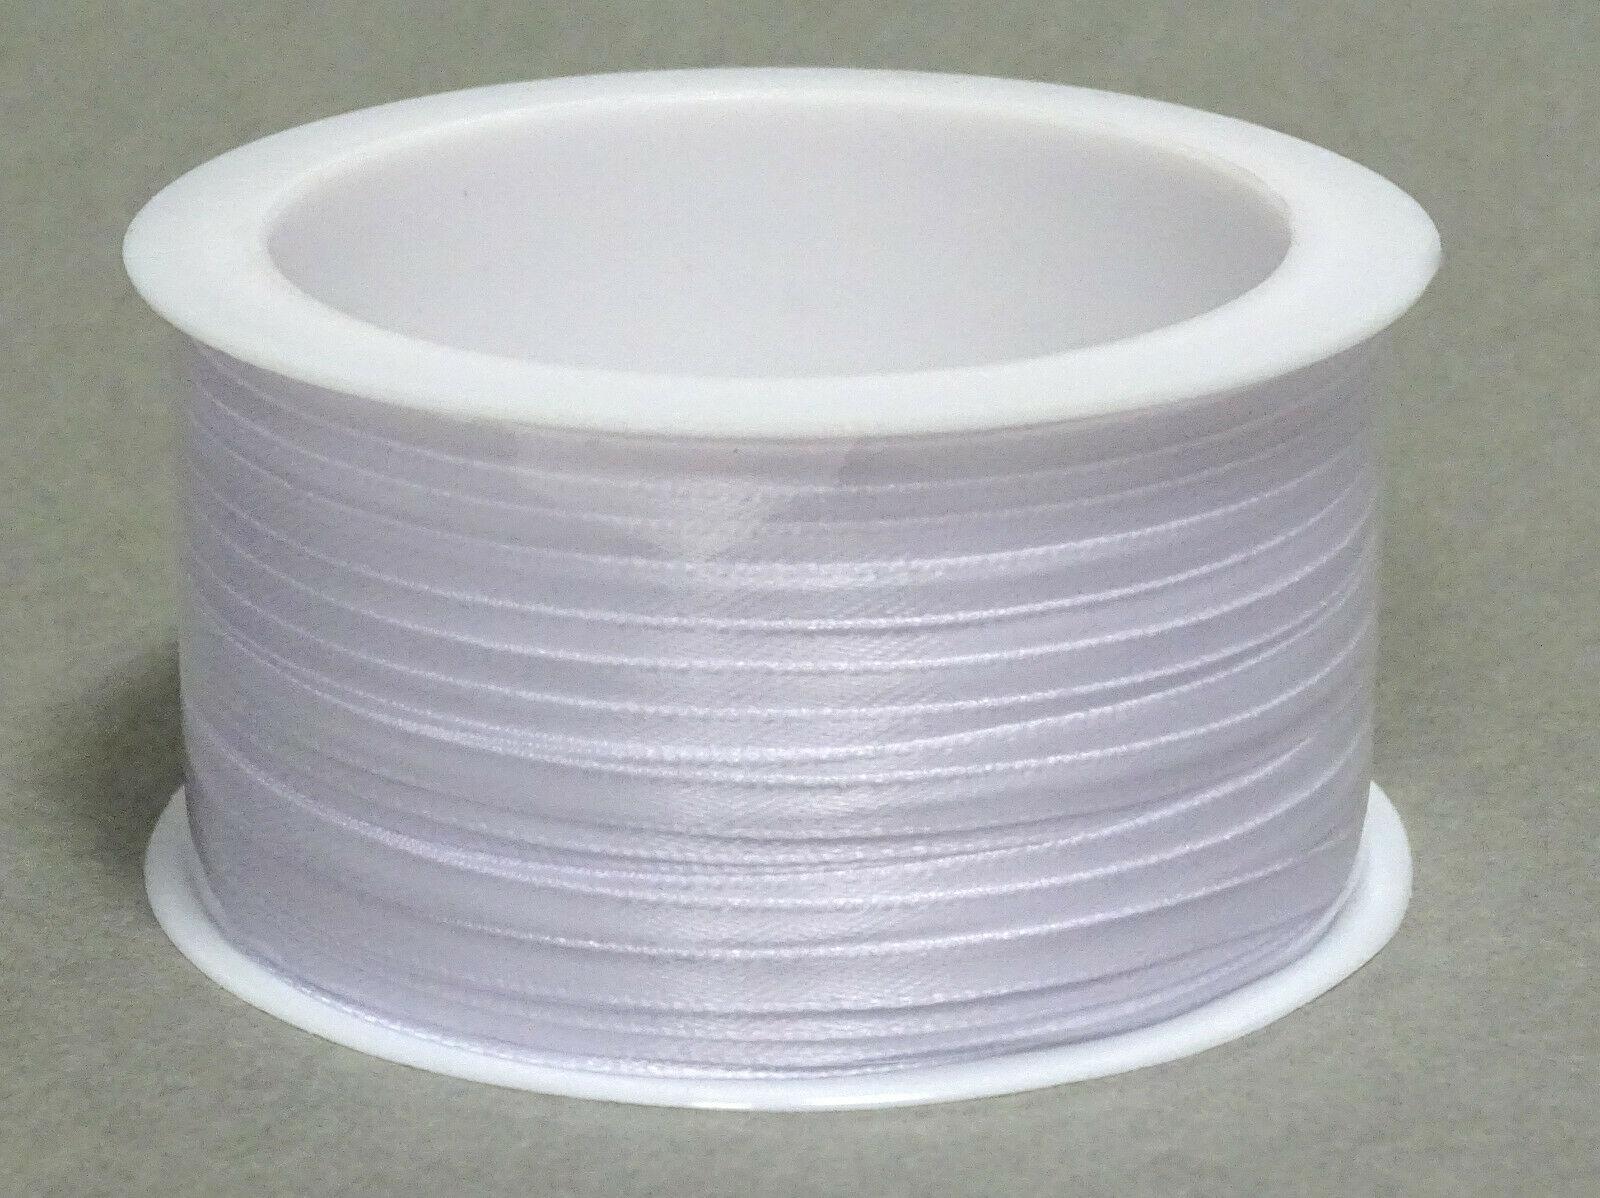 Satinband Schleifenband 50m x 3mm / 6mm Dekoband ab 0,05 €/m Geschenkband Rolle - Weiß 101, 6 mm x 50 m